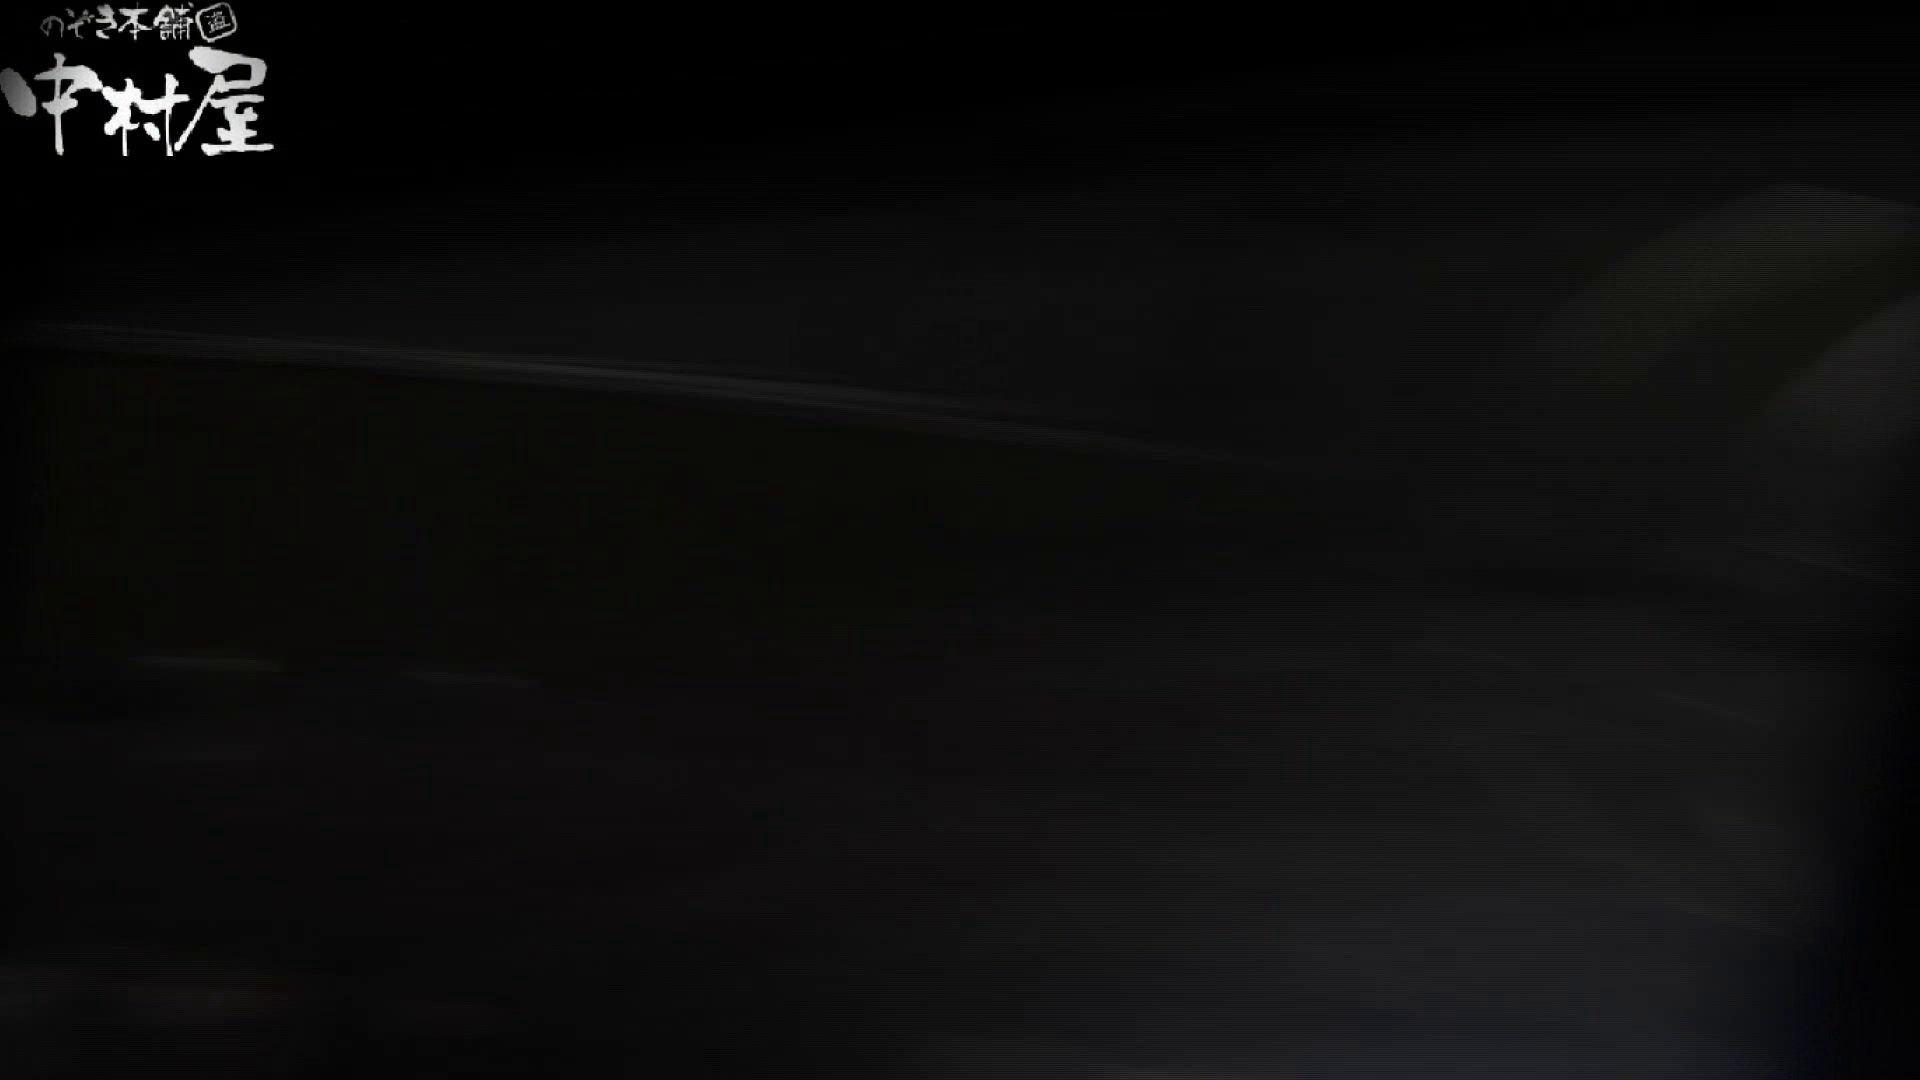 世界の射窓から~ステーション編~vol.39 お洒落な子がパイパン マンコ無修正 | OLセックス  60画像 49